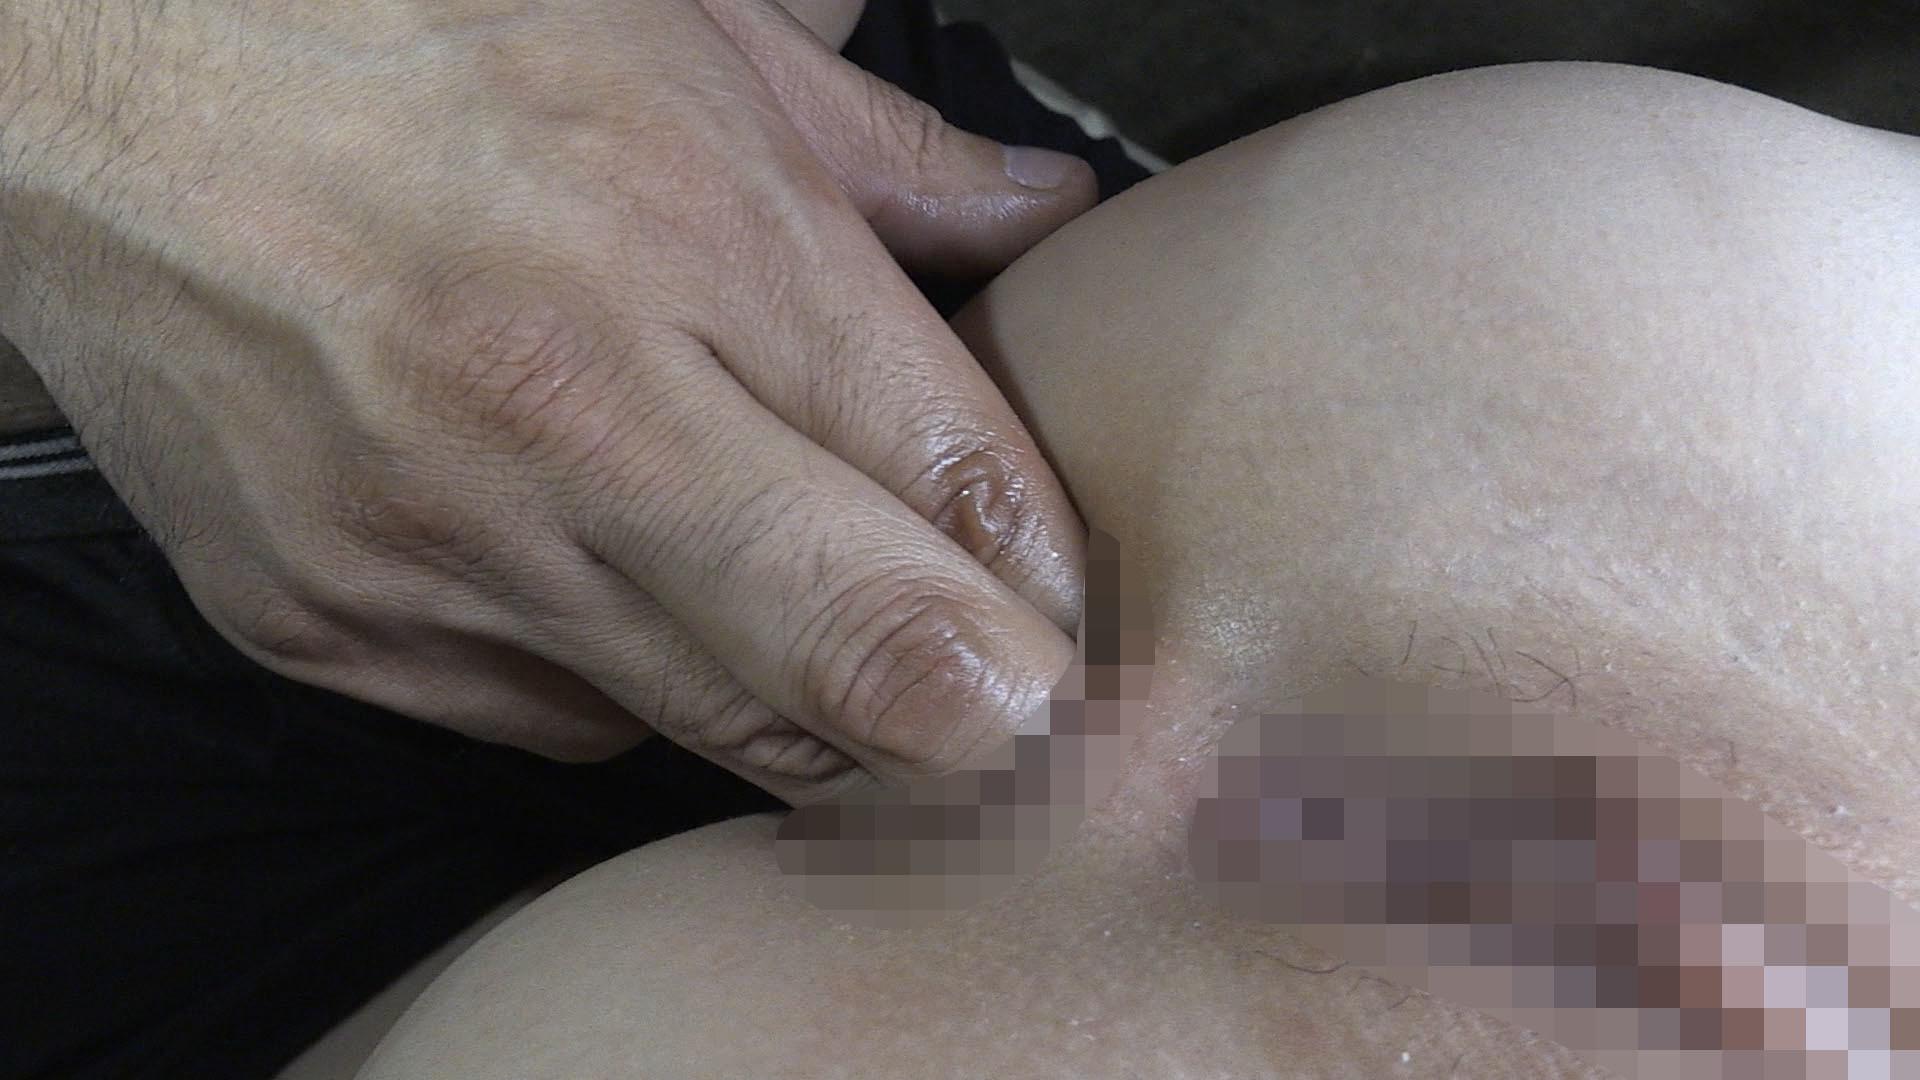 肛門絶頂IN地下 乙女るる 画像3